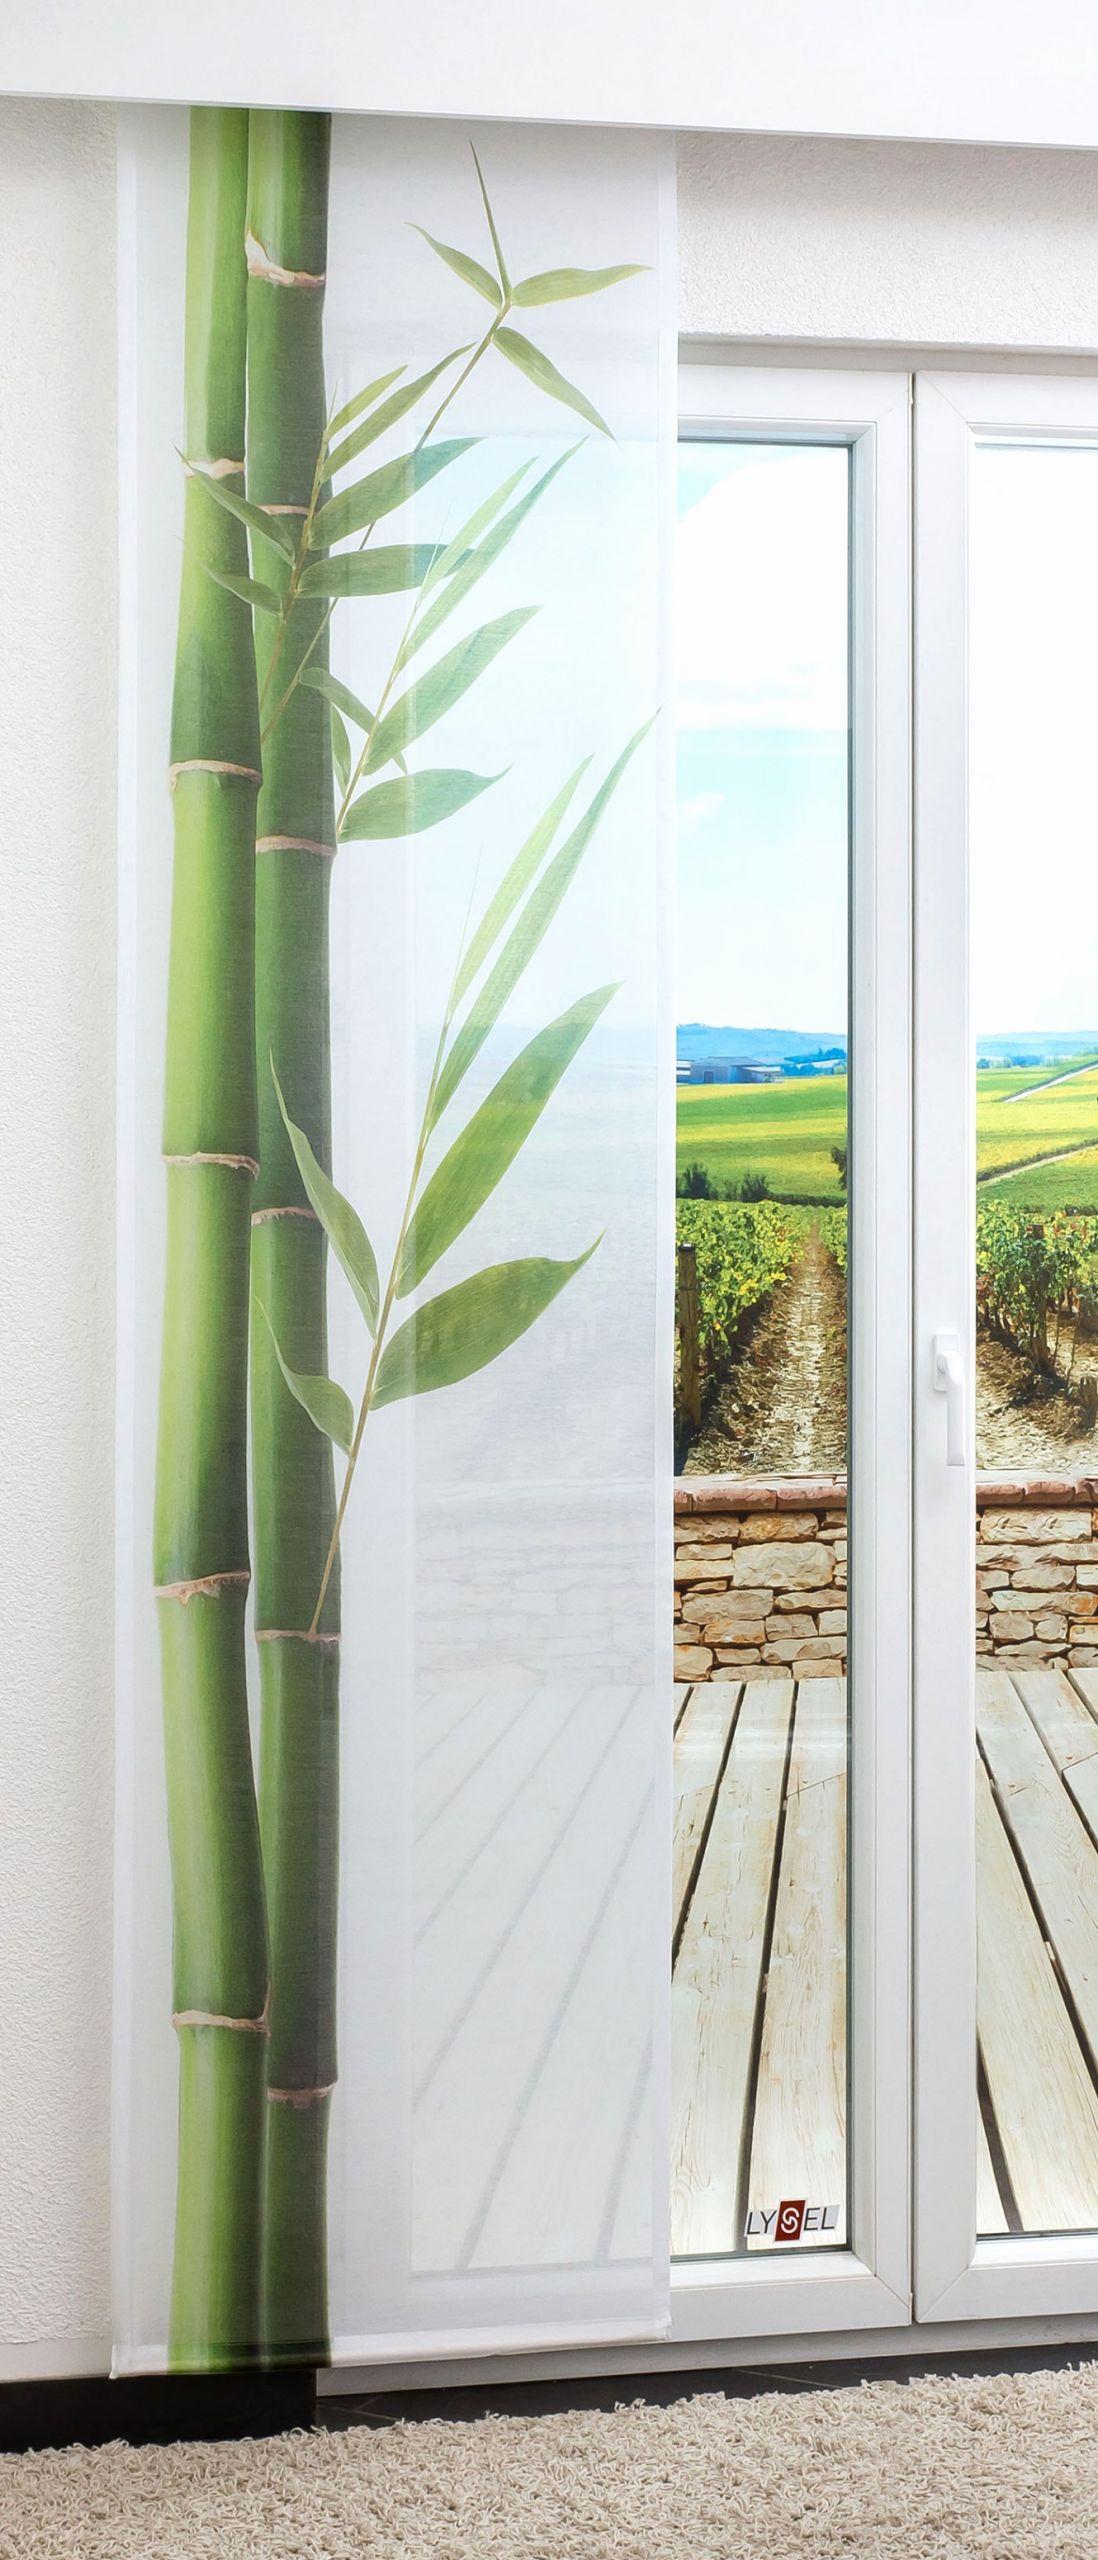 schiebe fenster kaufen wohnwagen wohnmobil schiebefenster interessant schiebe fenster kaufen luxury beeindruckend schiebegardine bambusart 0d zum balkon detail of